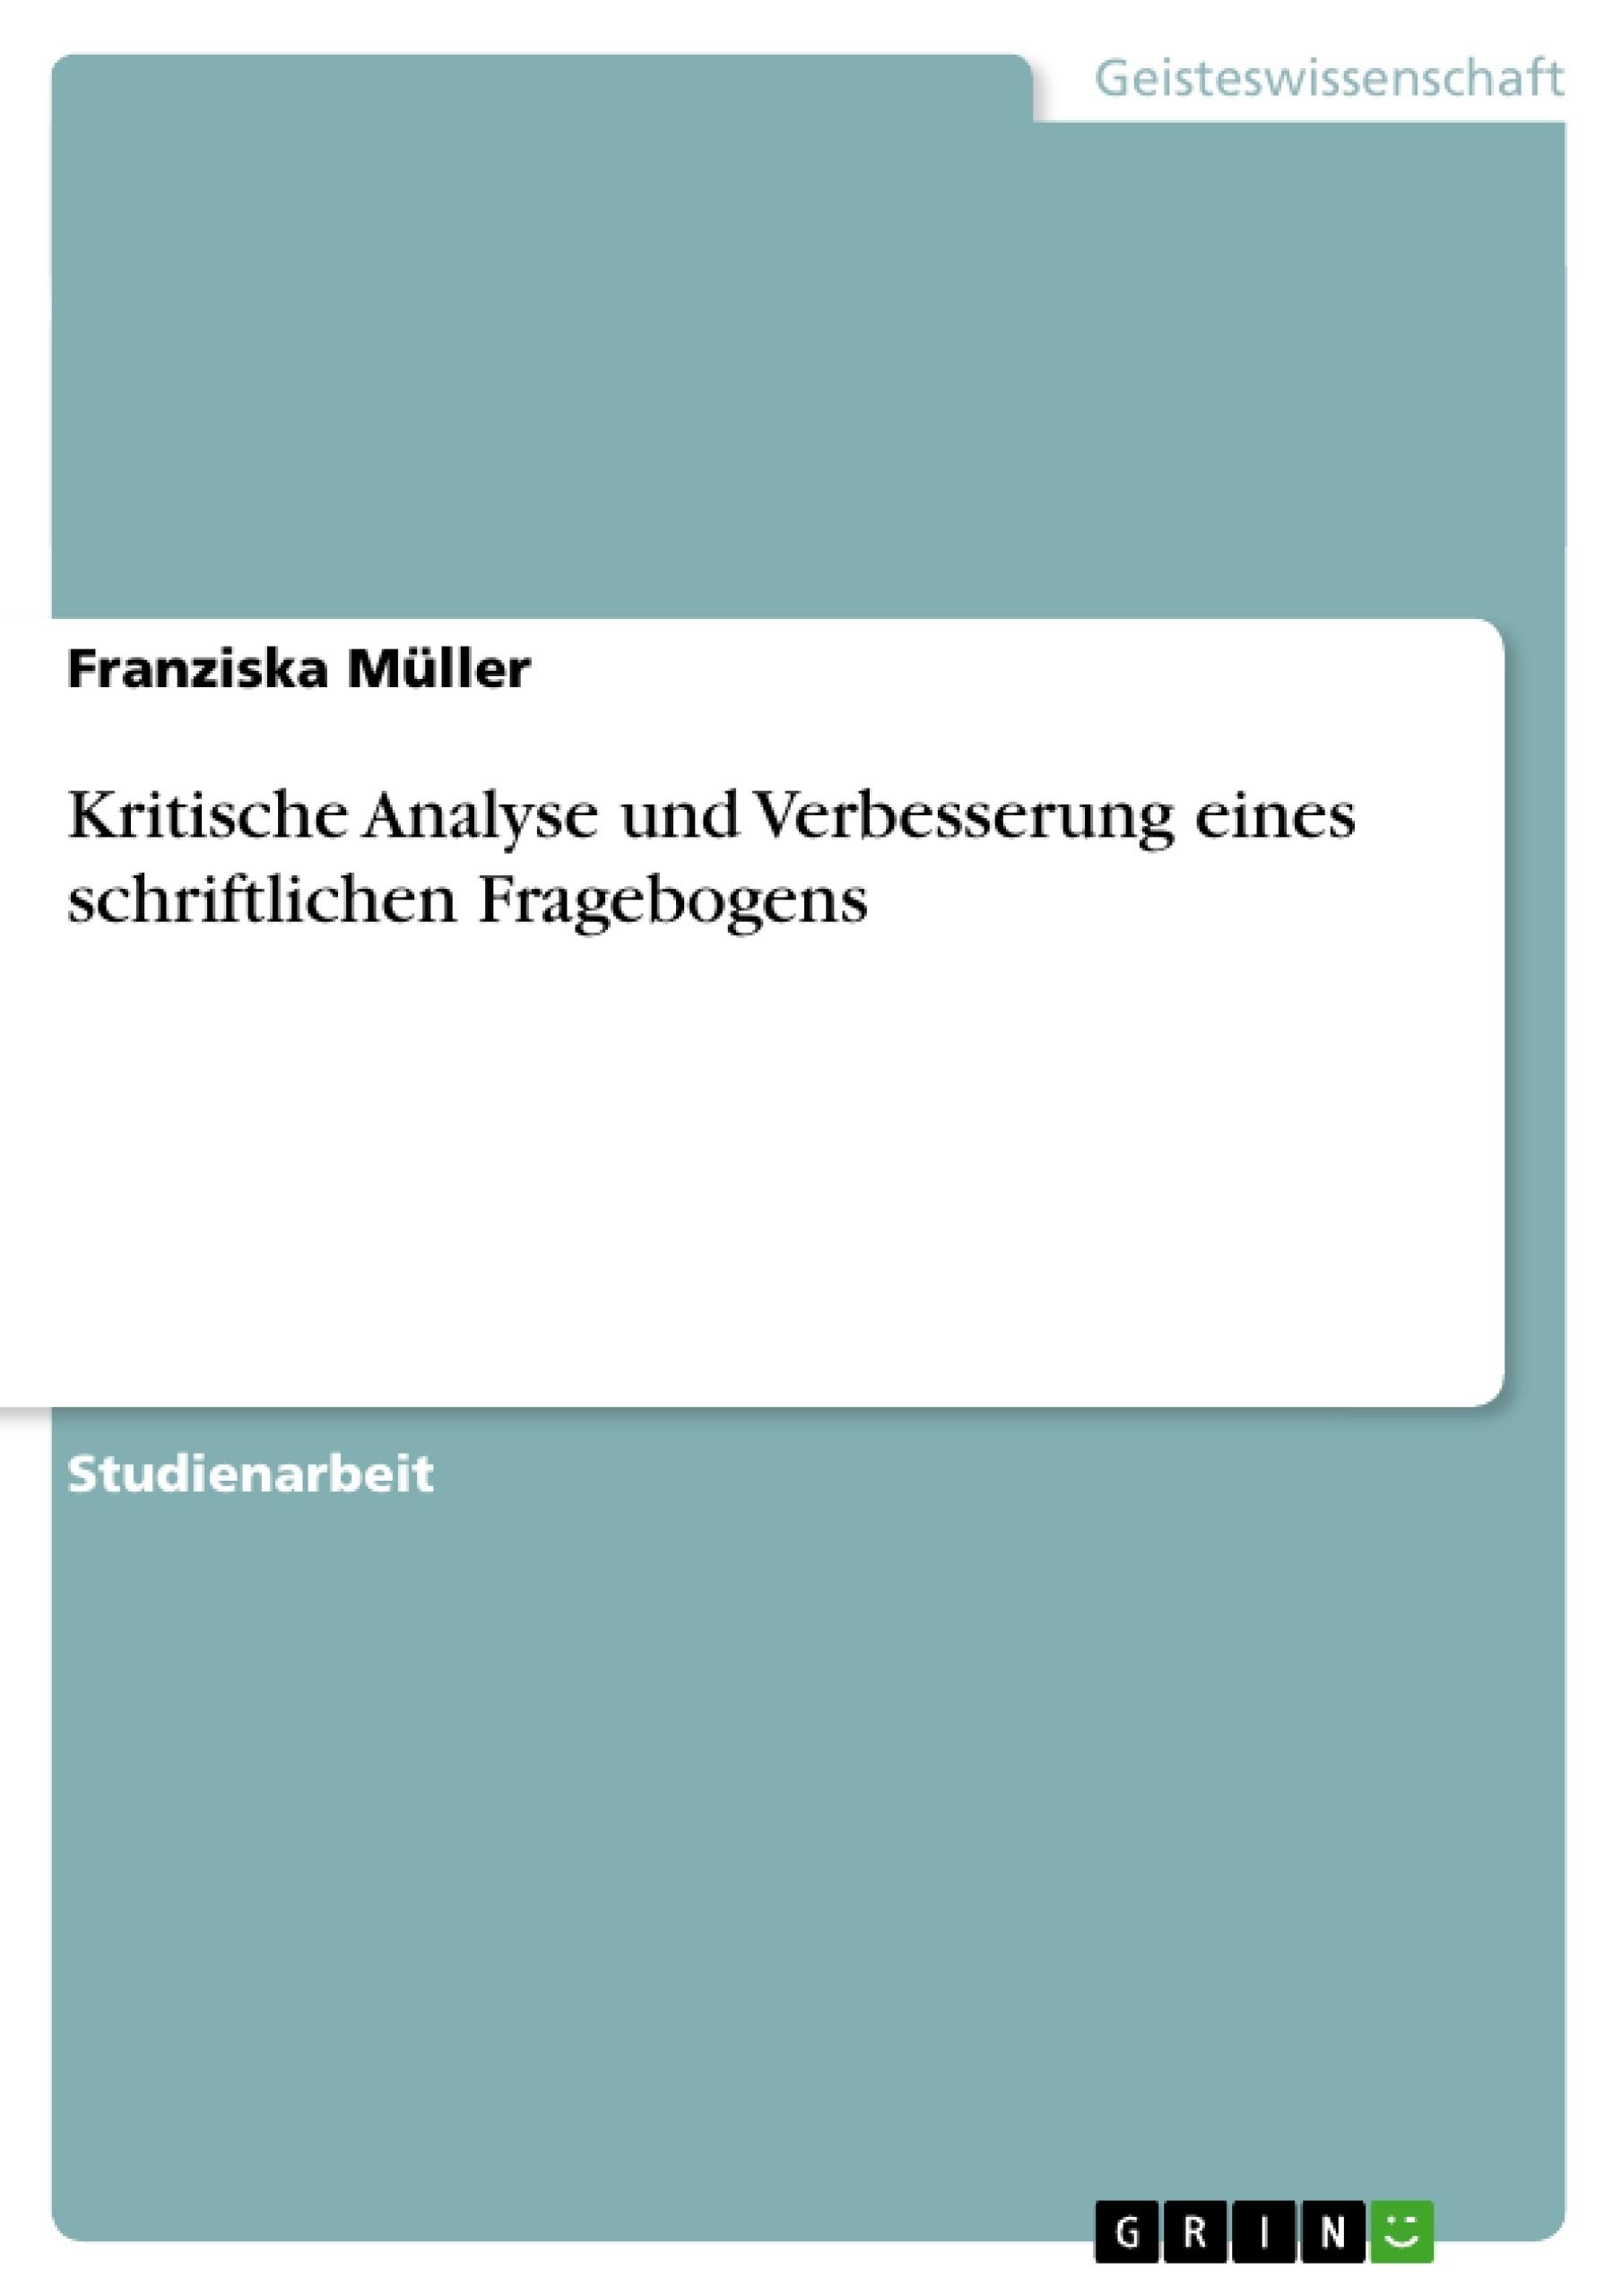 Titel: Kritische Analyse und Verbesserung eines schriftlichen Fragebogens